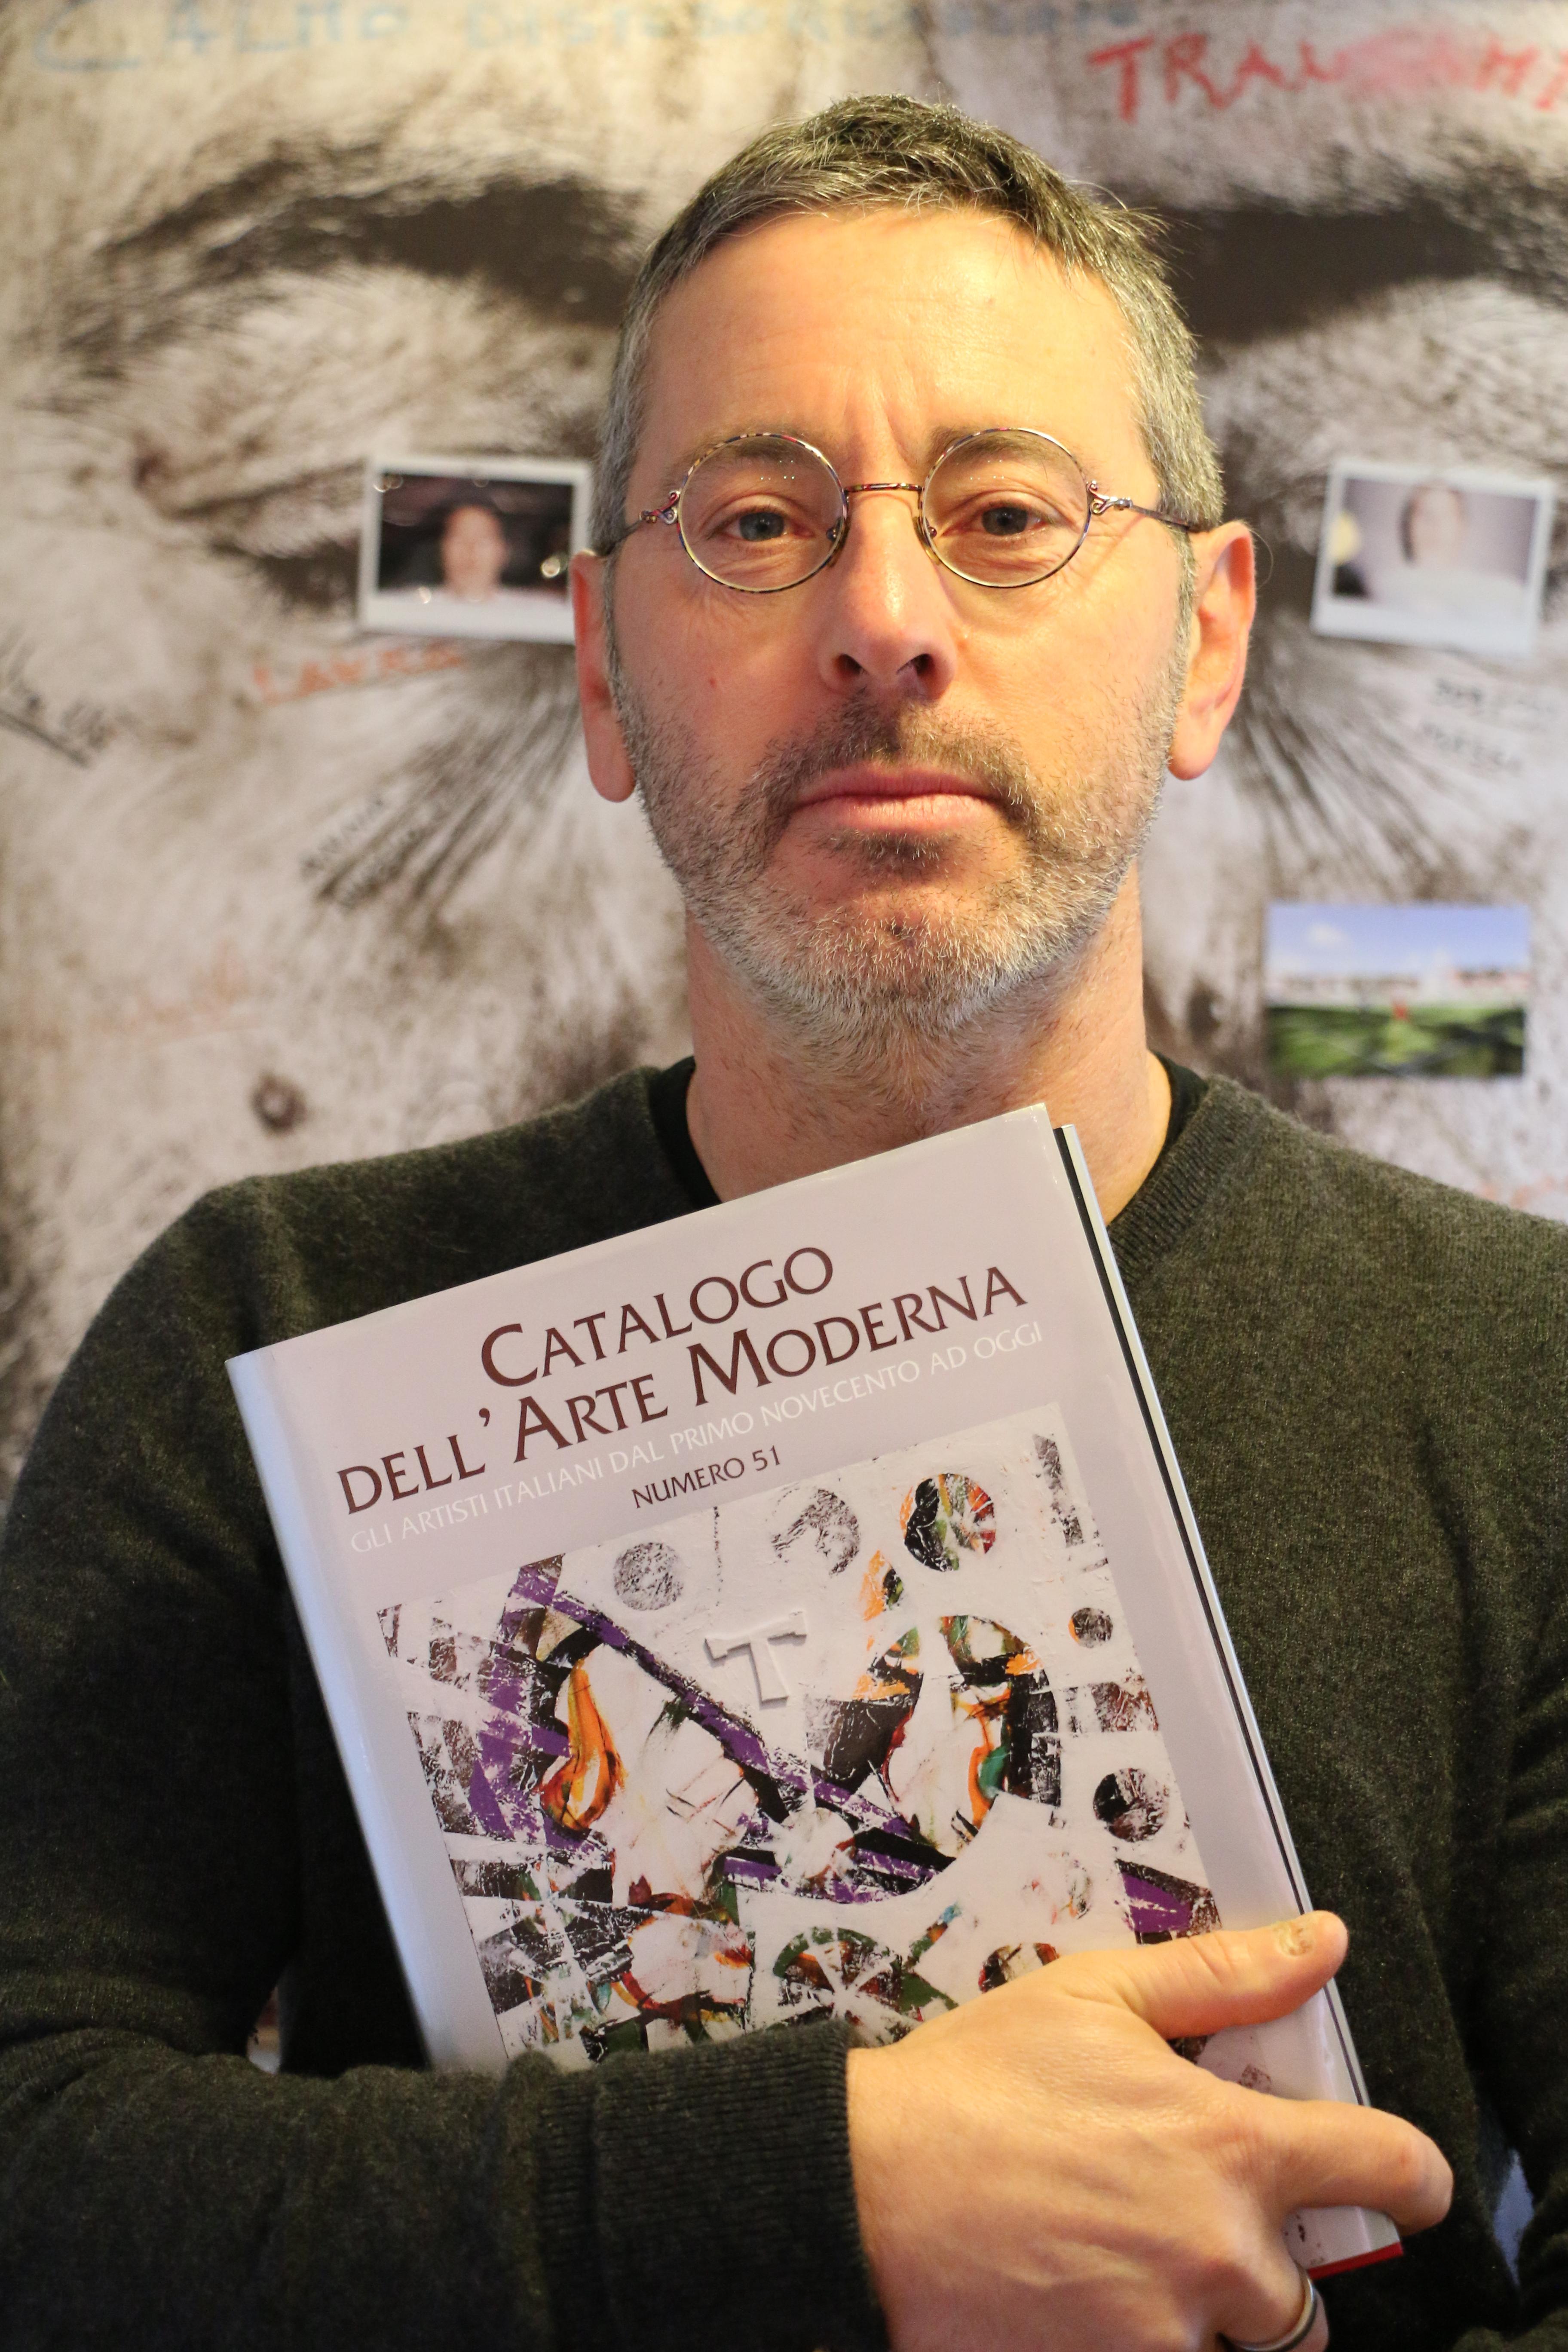 Arte moderna: il fotografo Grillo nel catalogo Mondadori